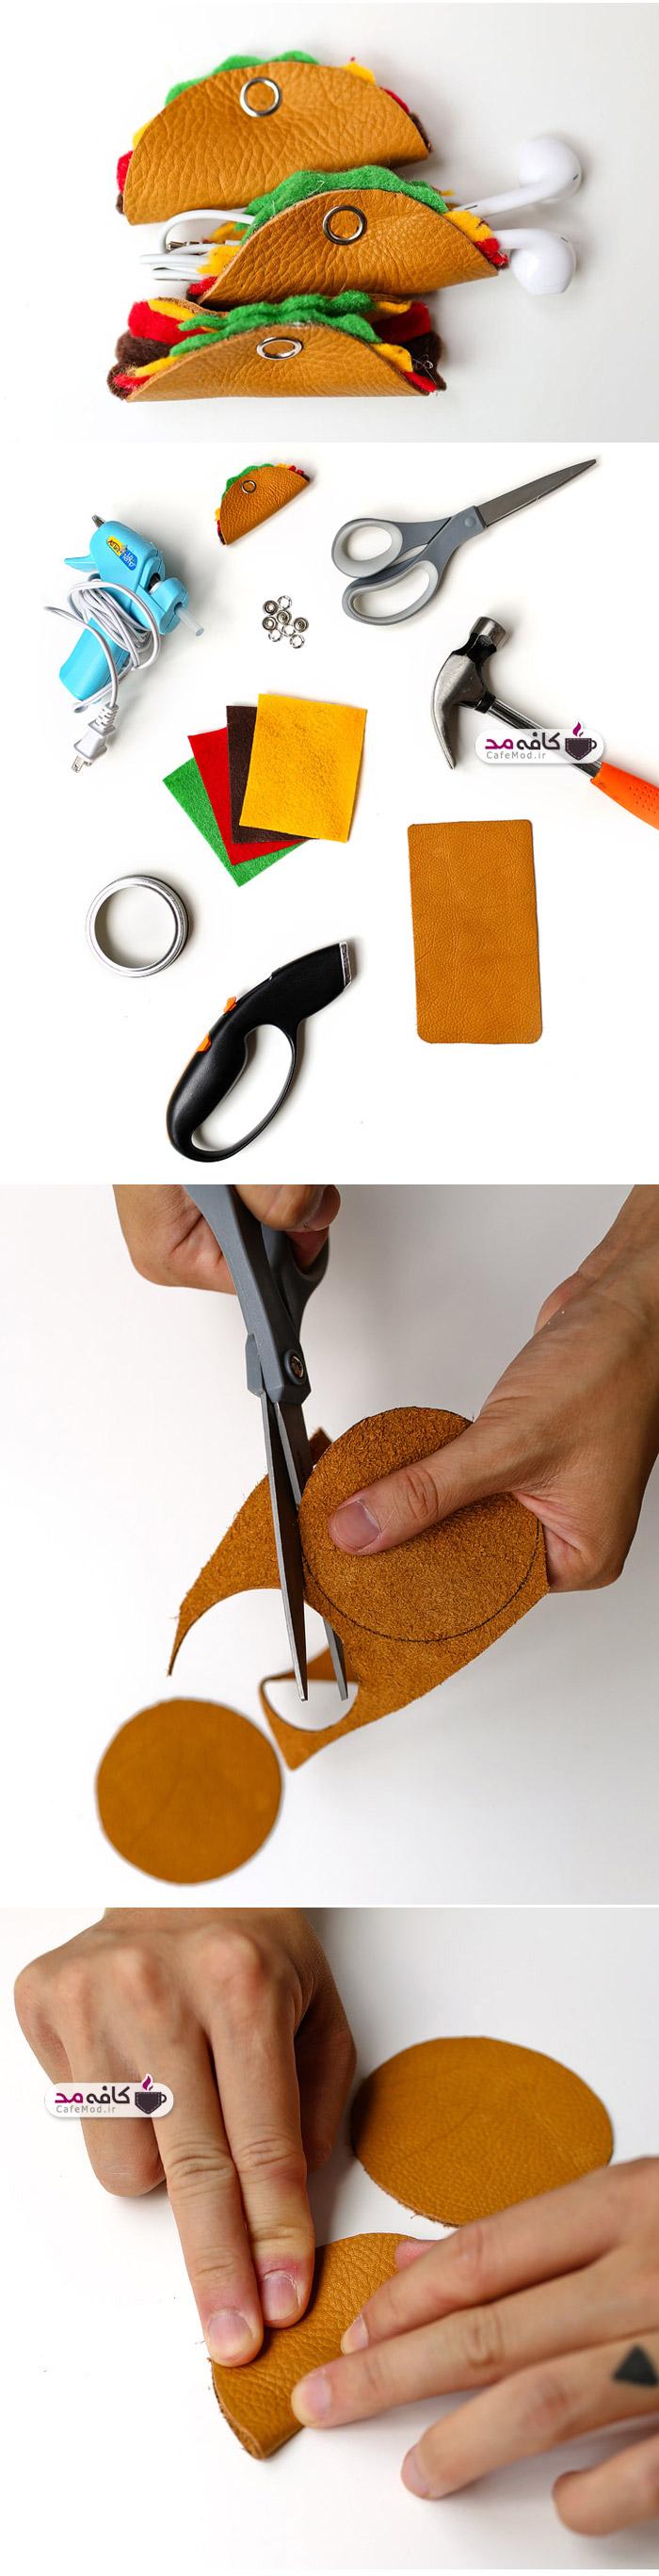 آموزش درست کردن کیف هندزفری